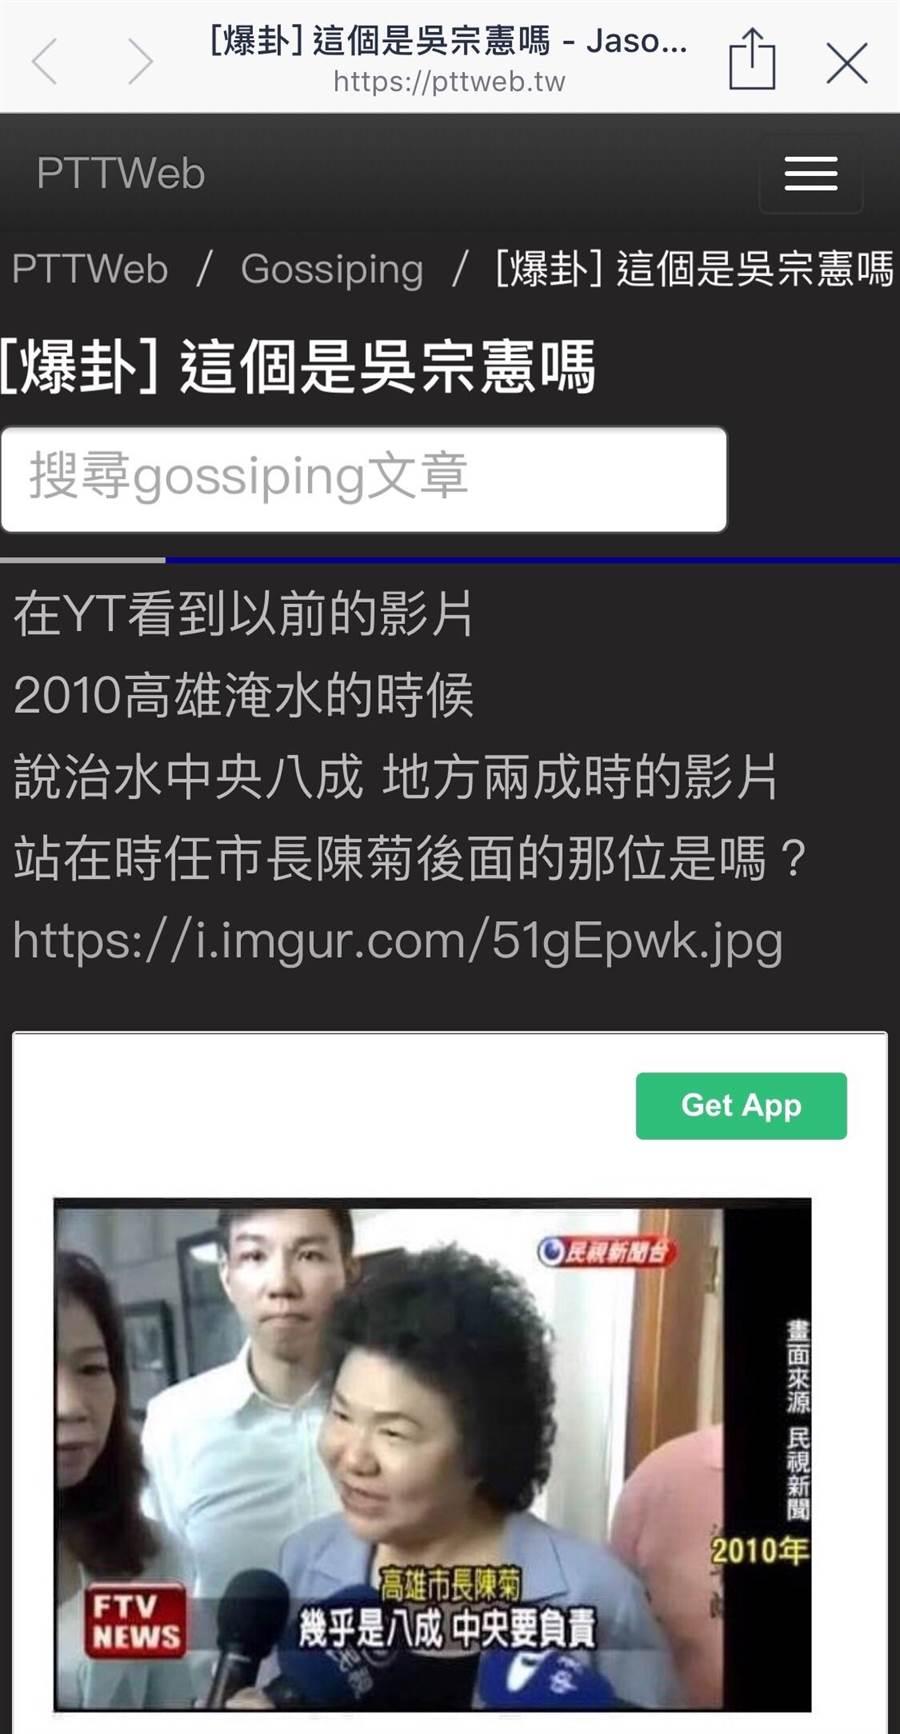 陳男發文提問陳菊身後的男子是否為吳宗憲,遭認為散布假消息移送法辦。(林郁平翻攝)